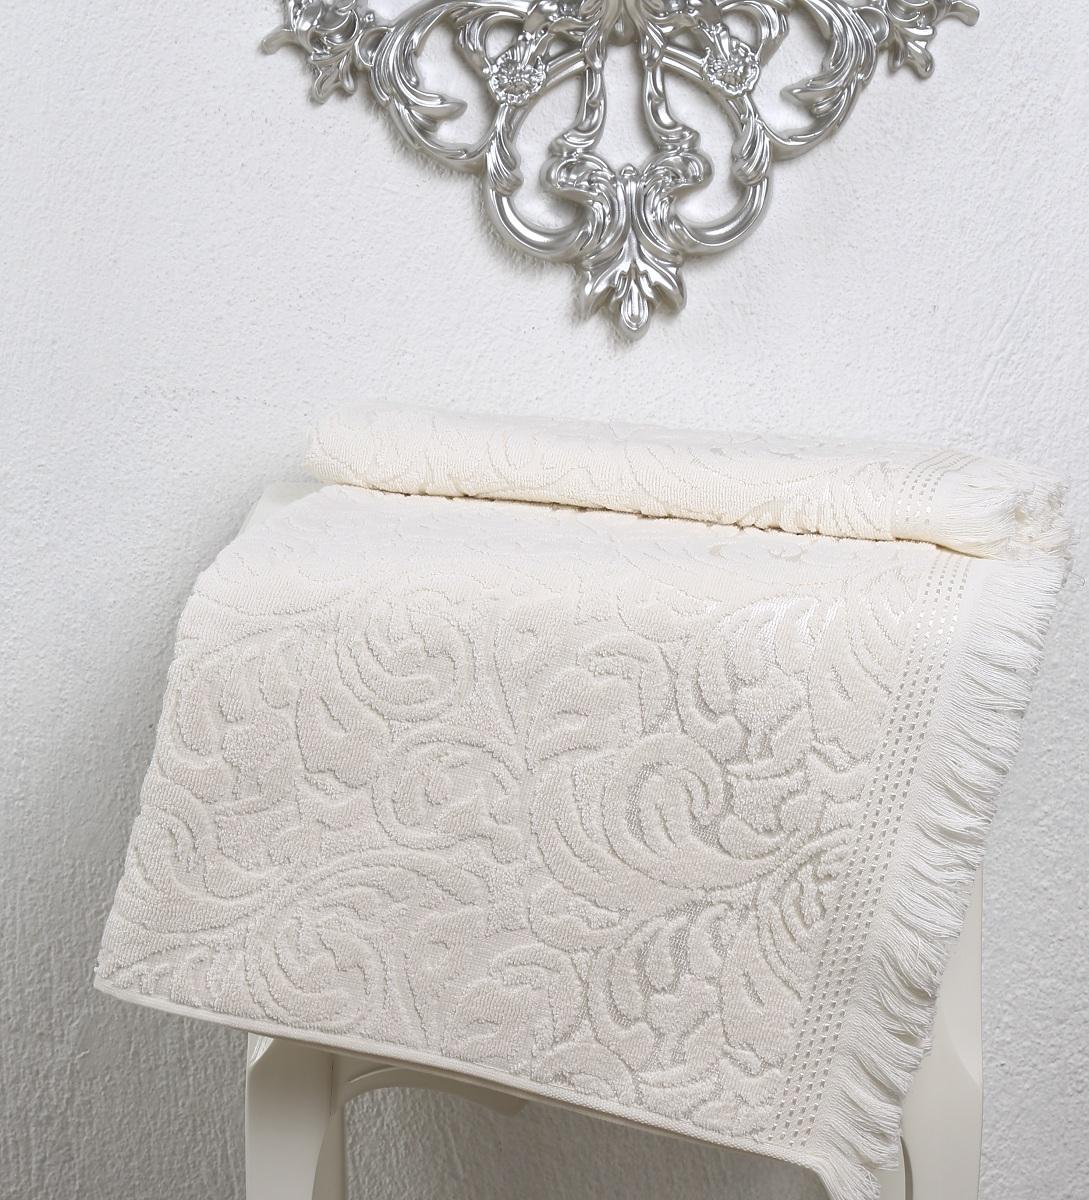 Полотенце Karna Esra, цвет: кремовый, 70 х 140 см2195/CHAR005Махровое полотенце Karna Esra выполнено из 100% хлопка. Оно прекрасно впитывает влагу и быстро сохнет. Повсему полотенцу имеется привлекательный узор. По канту полотенца имеется нежная бахрома. Махровое полотенце из натурального хлопка, обладает гигиеническими качествами, очень мягкое, с объемнымравномерным ворсом, приятное на ощупь и к телу. Размер: 70 х 140 см.